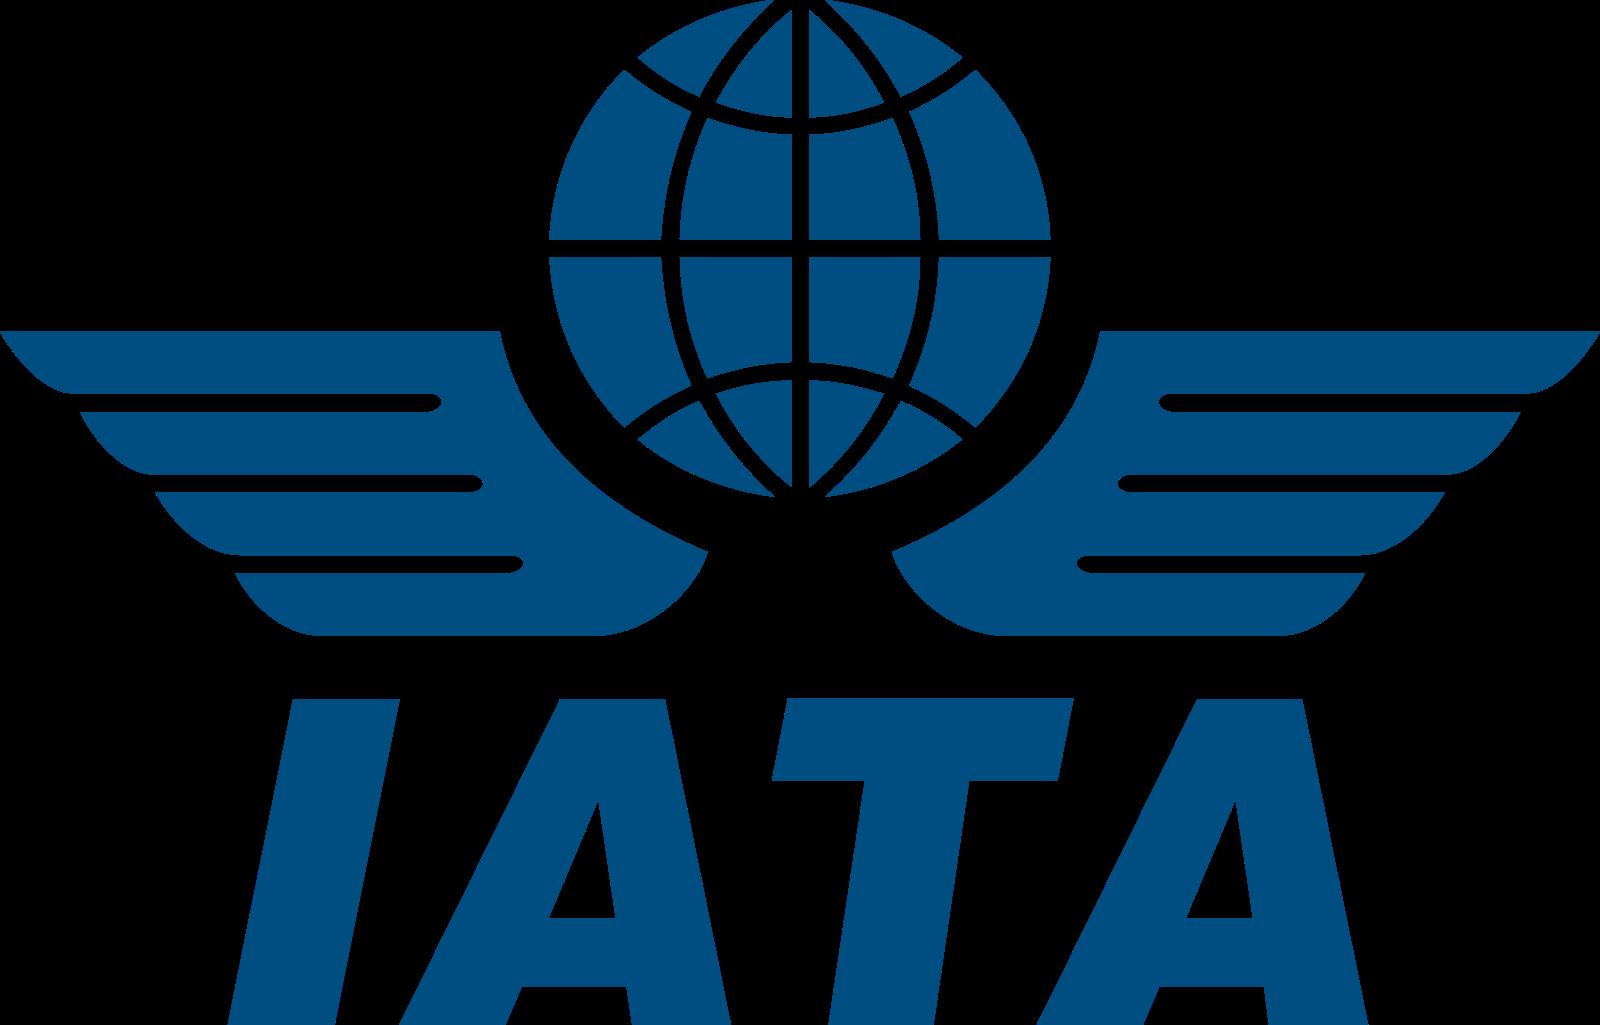 iata logo 2 - IATA Logo - Associação Internacional de Transportes Aéreos Logo